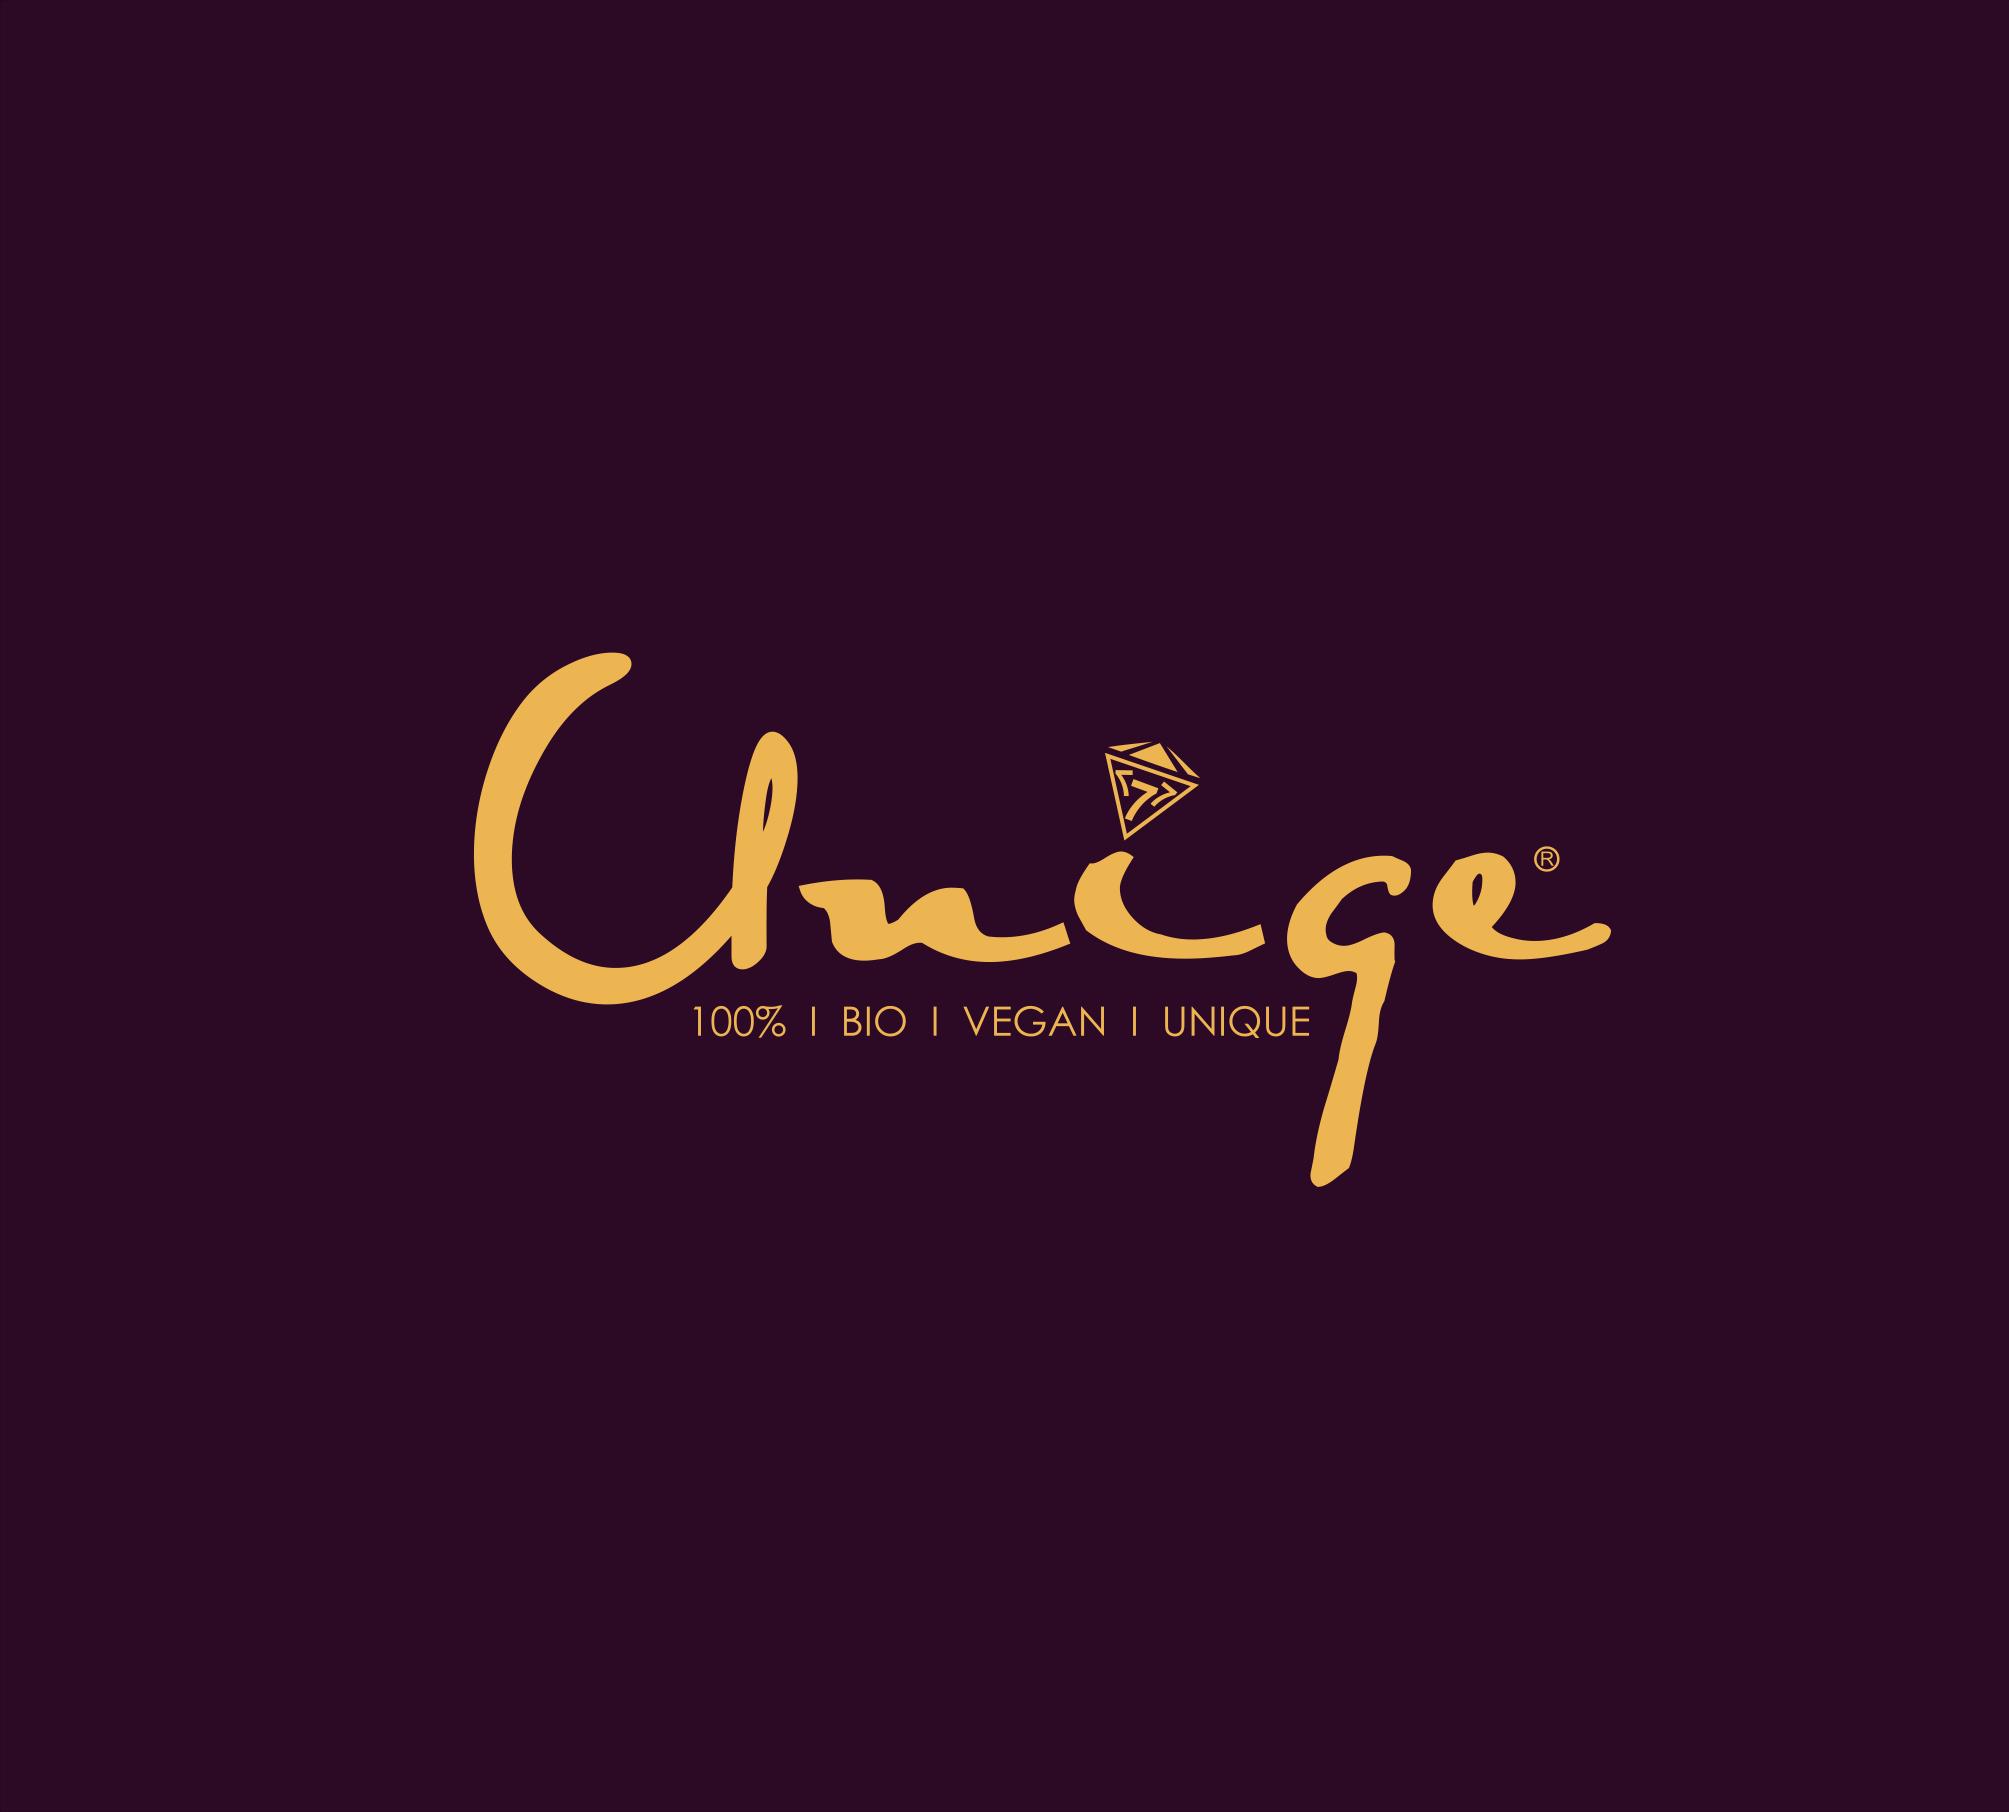 """Neues Lifestyle Getränk """"Uniqe"""" benötigt stylisches Logo"""